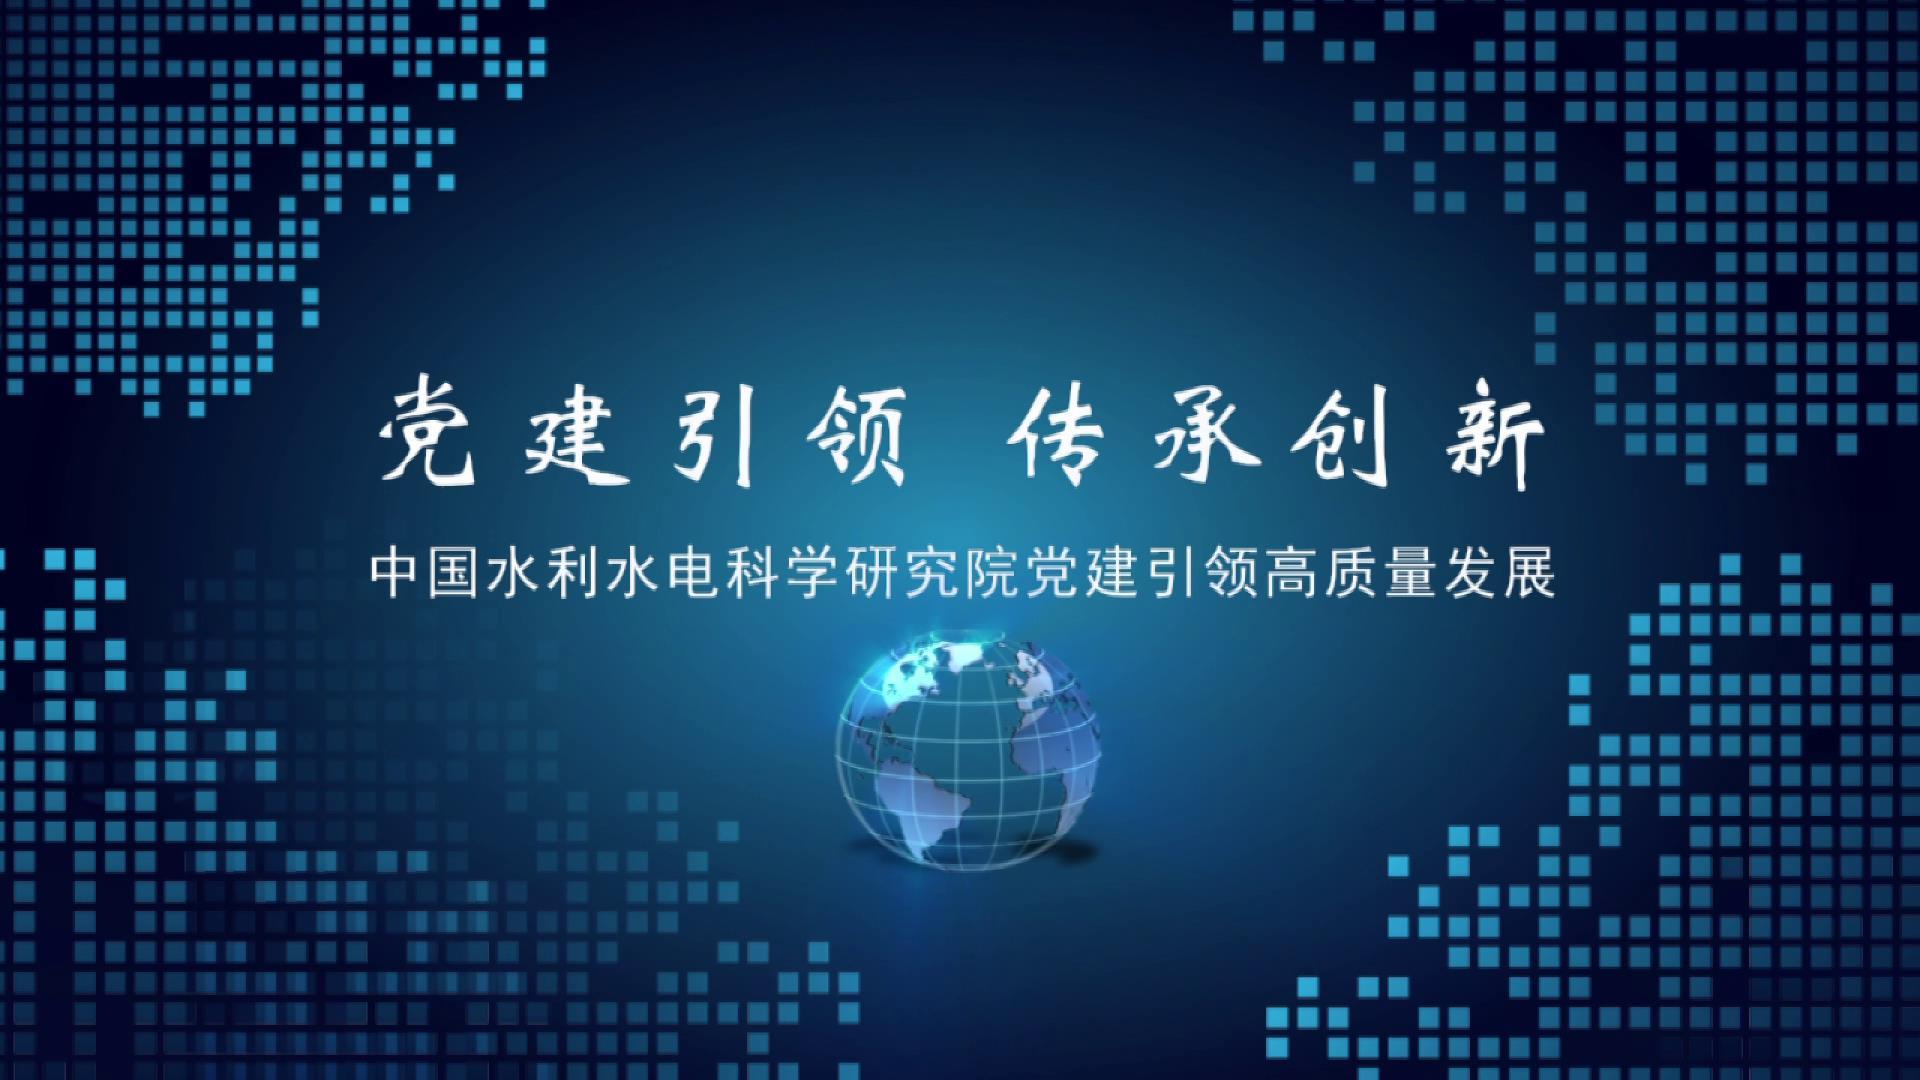 中国水利水电科学研究院党建引领高质量发展